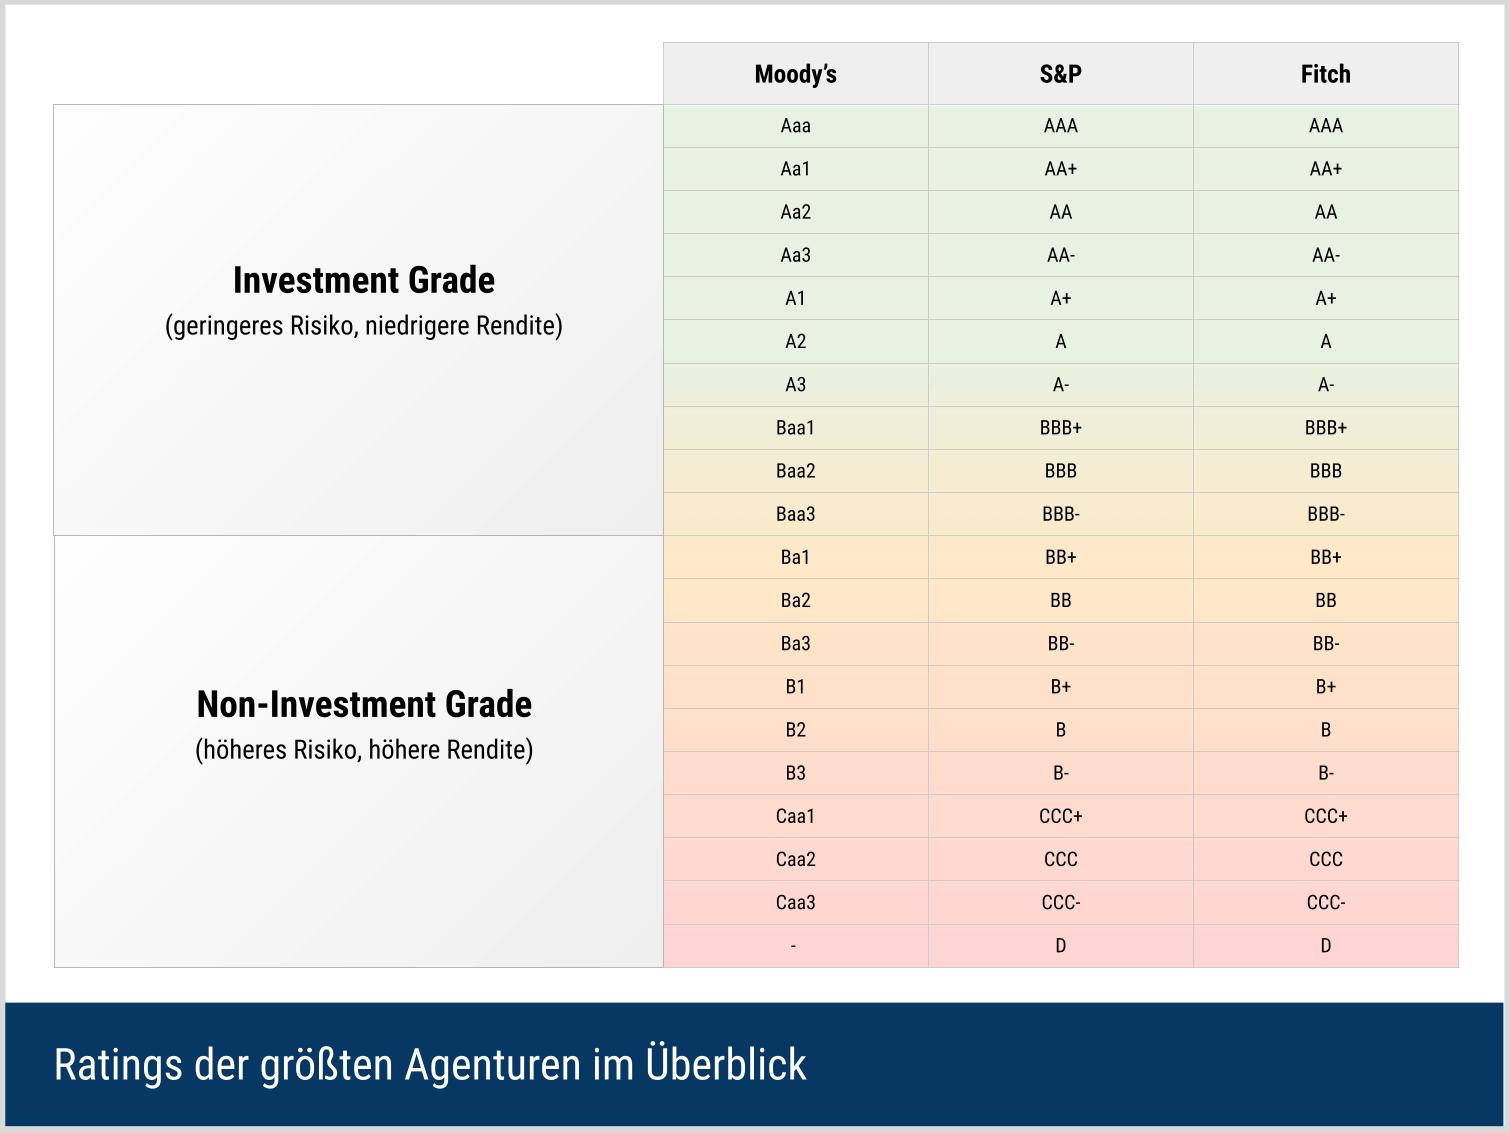 Ratingskalen der größten Agenturen im Überblick